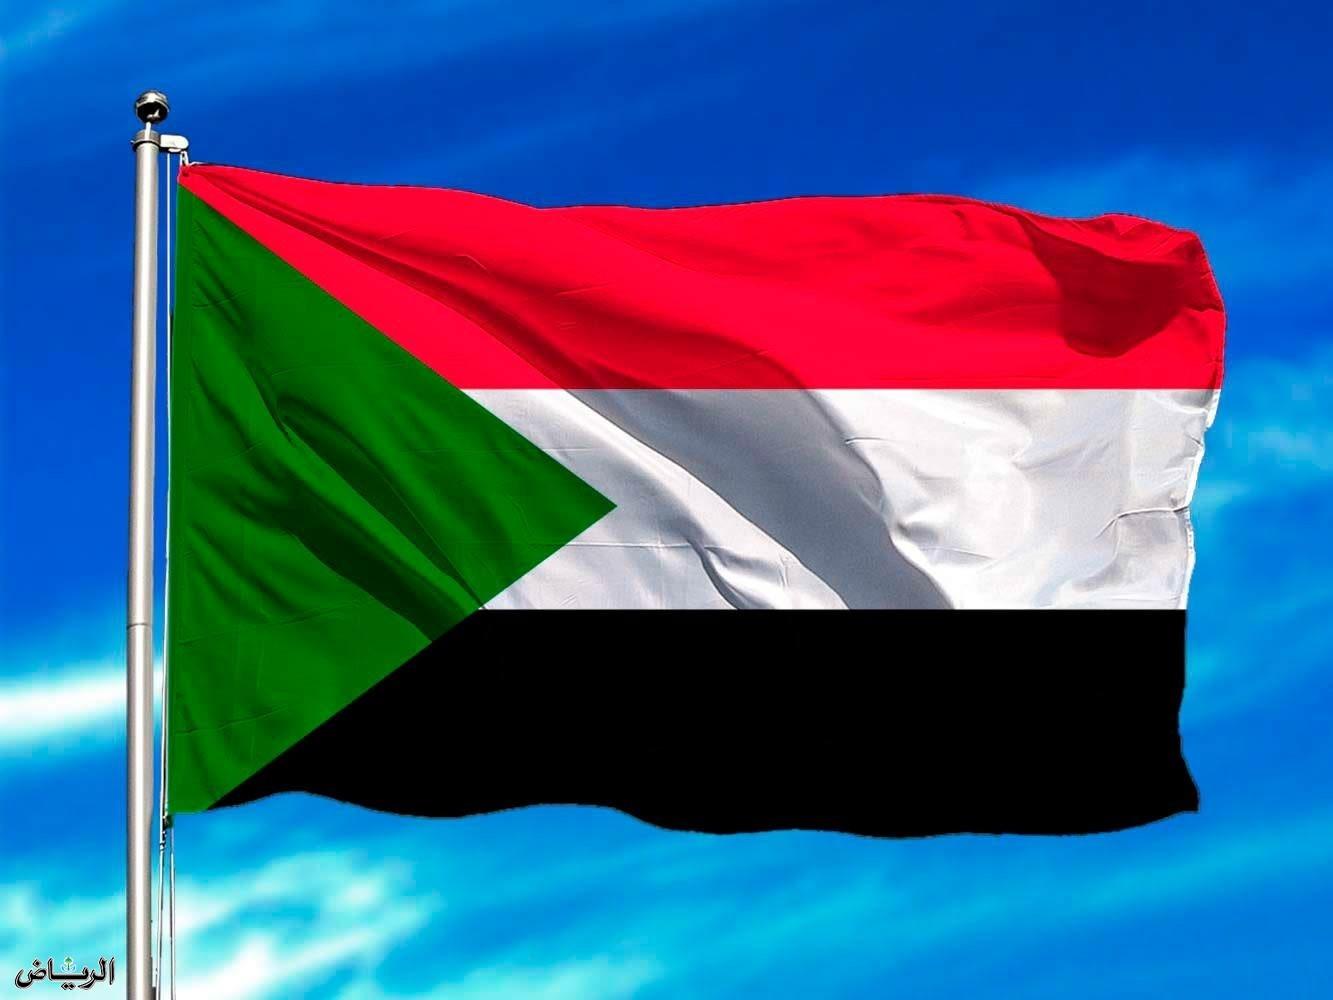 السودان يتلقى دعوة للانضمام إلى مؤسسة التمويل الأفريقية